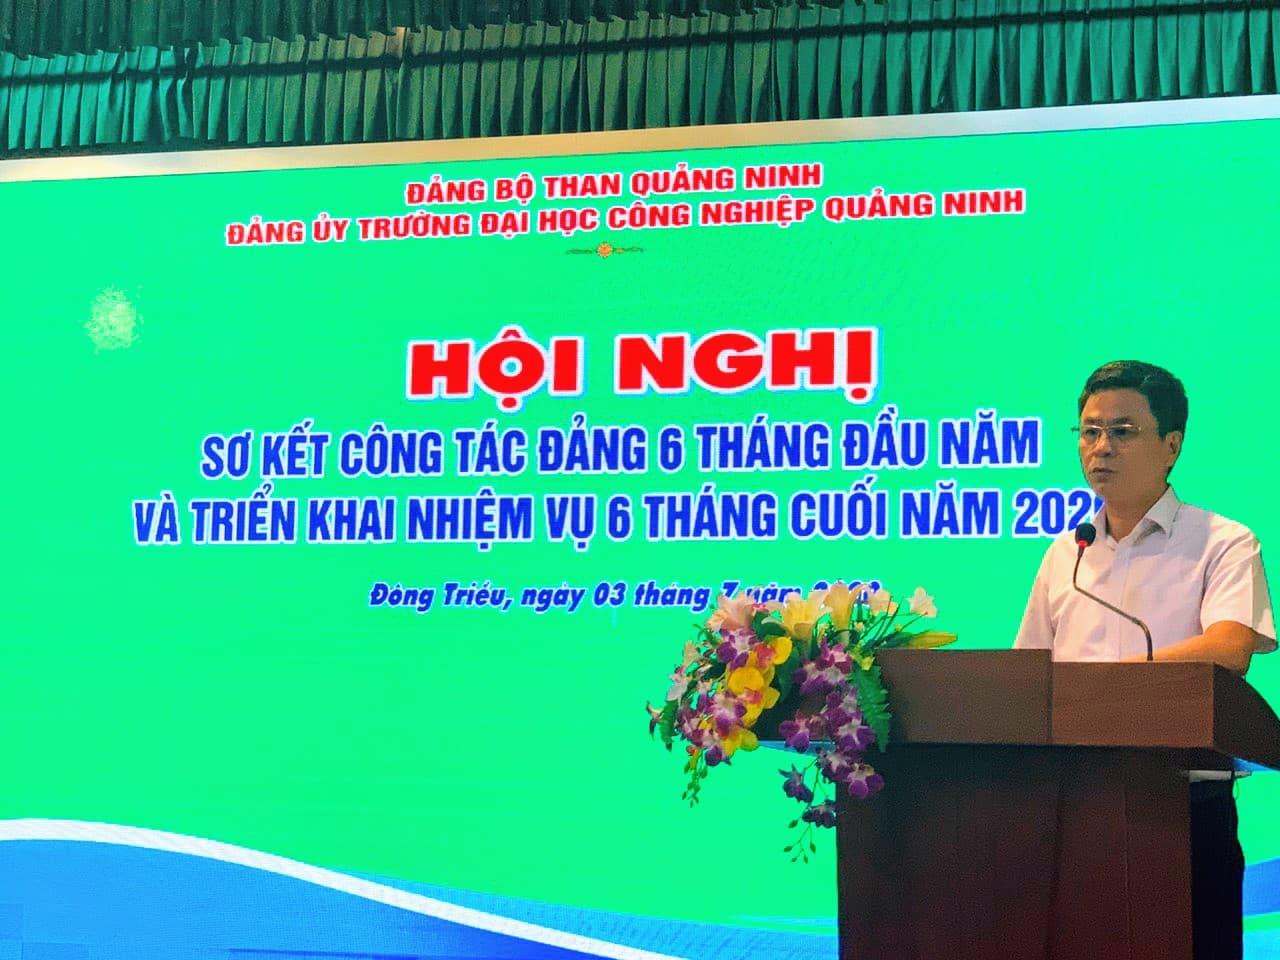 Đ/c Hoàng Hùng Thắng - Bí thư Đảng uỷ, Hiệu trưởng phát biểu chỉ đạo hội nghị